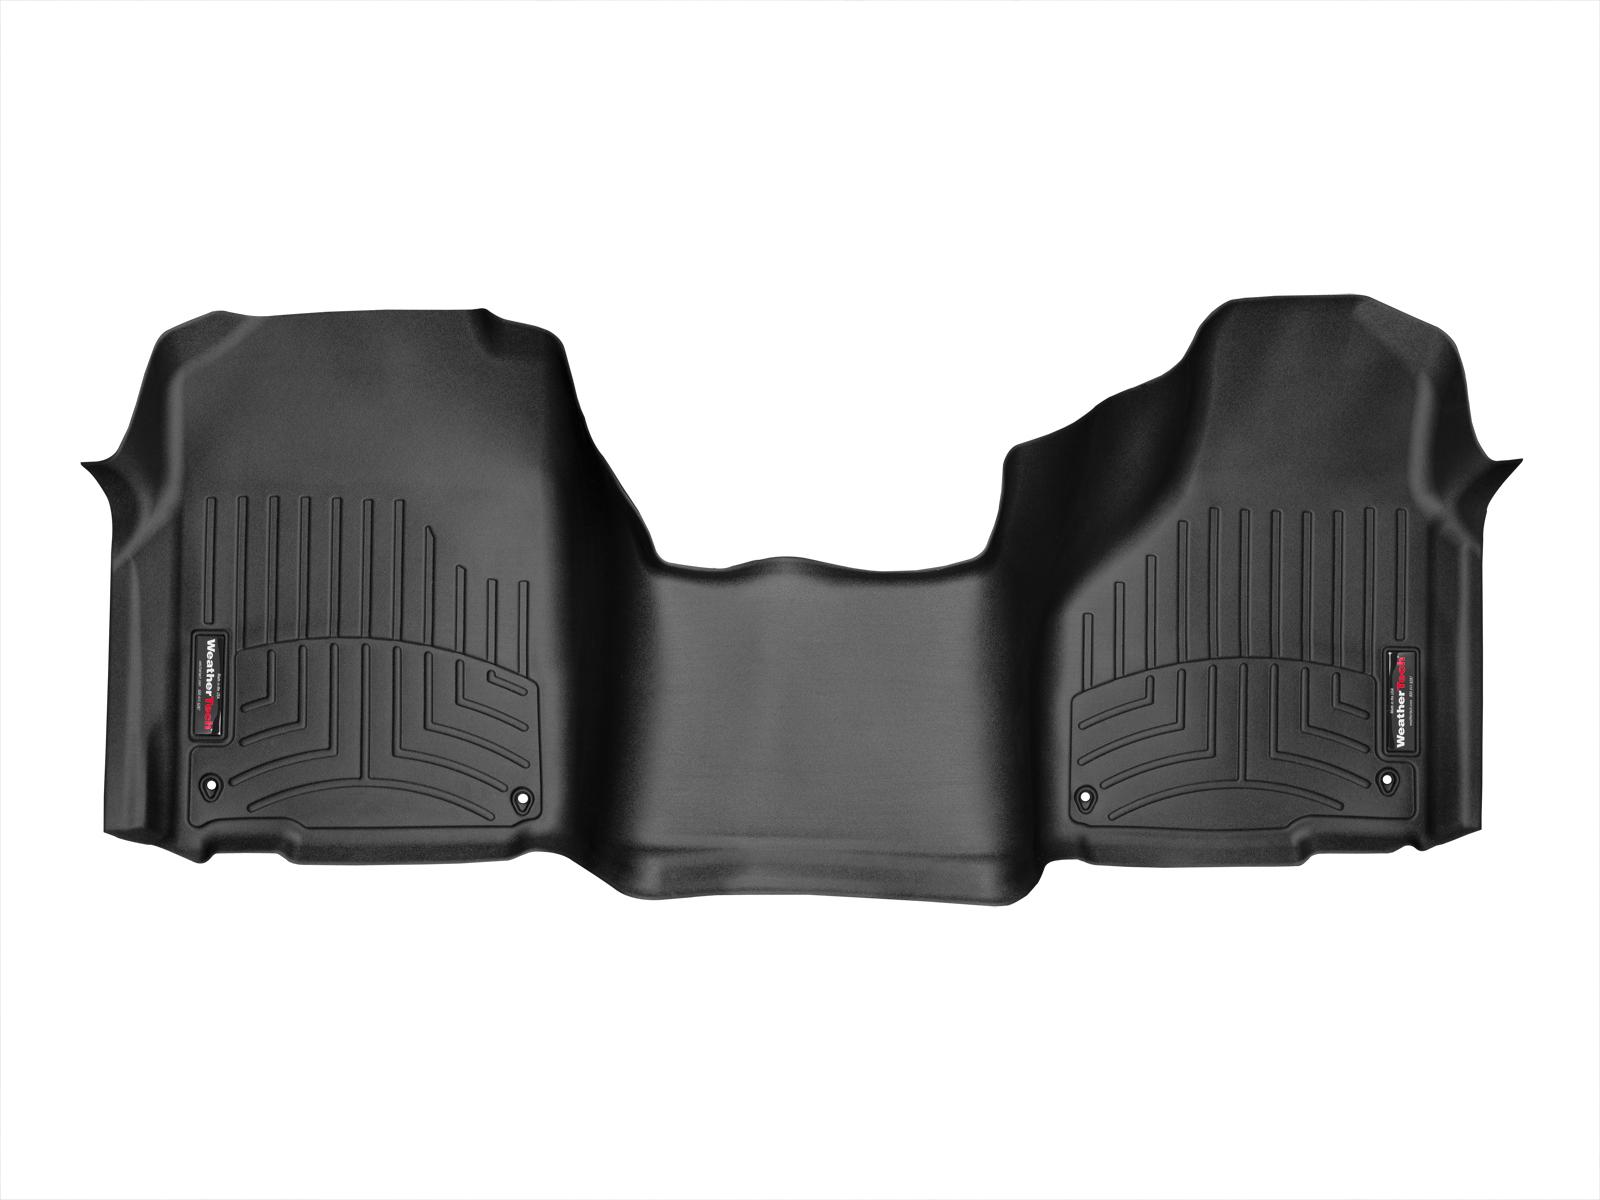 Tappeti gomma su misura bordo alto RAM Ram 1500 13>17 Nero A3200